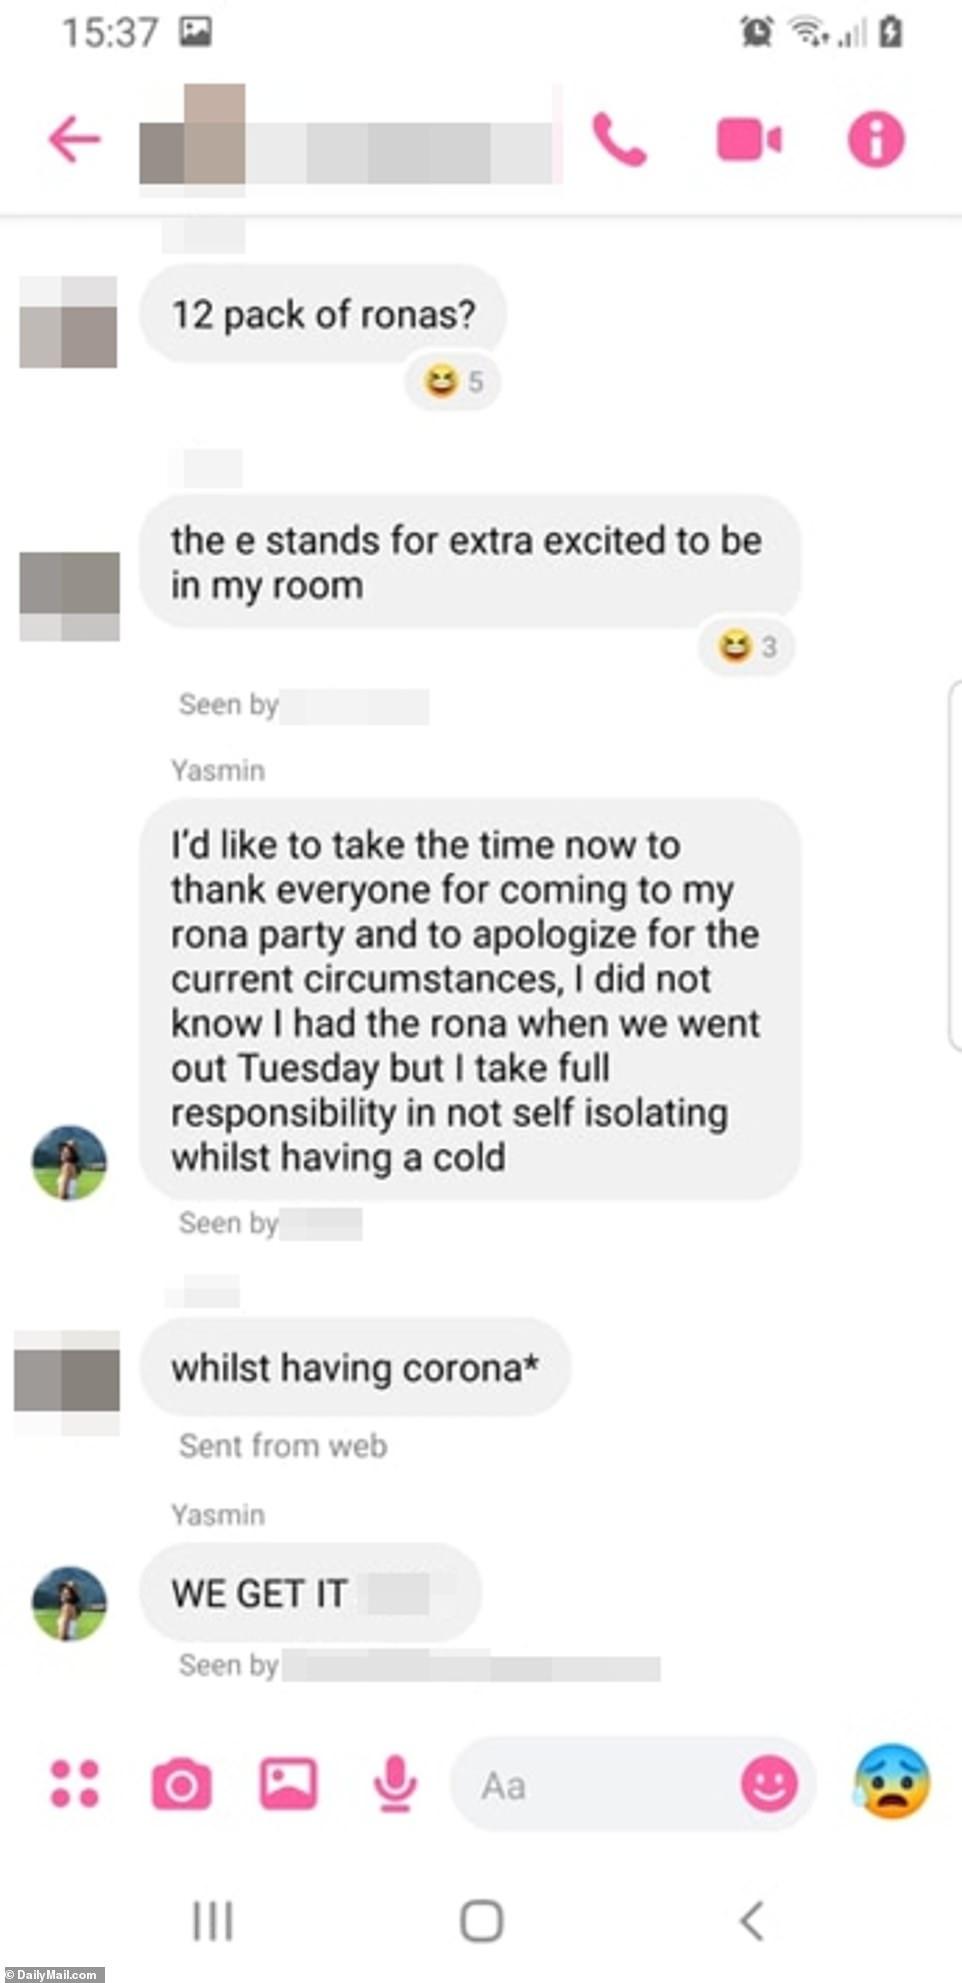 Το μήνυμα που έστειλε η 26χρονη Γιασμίν σε φίλους ευχαριστώντας τους που πήγαν στο πάρτι κορωνοϊού